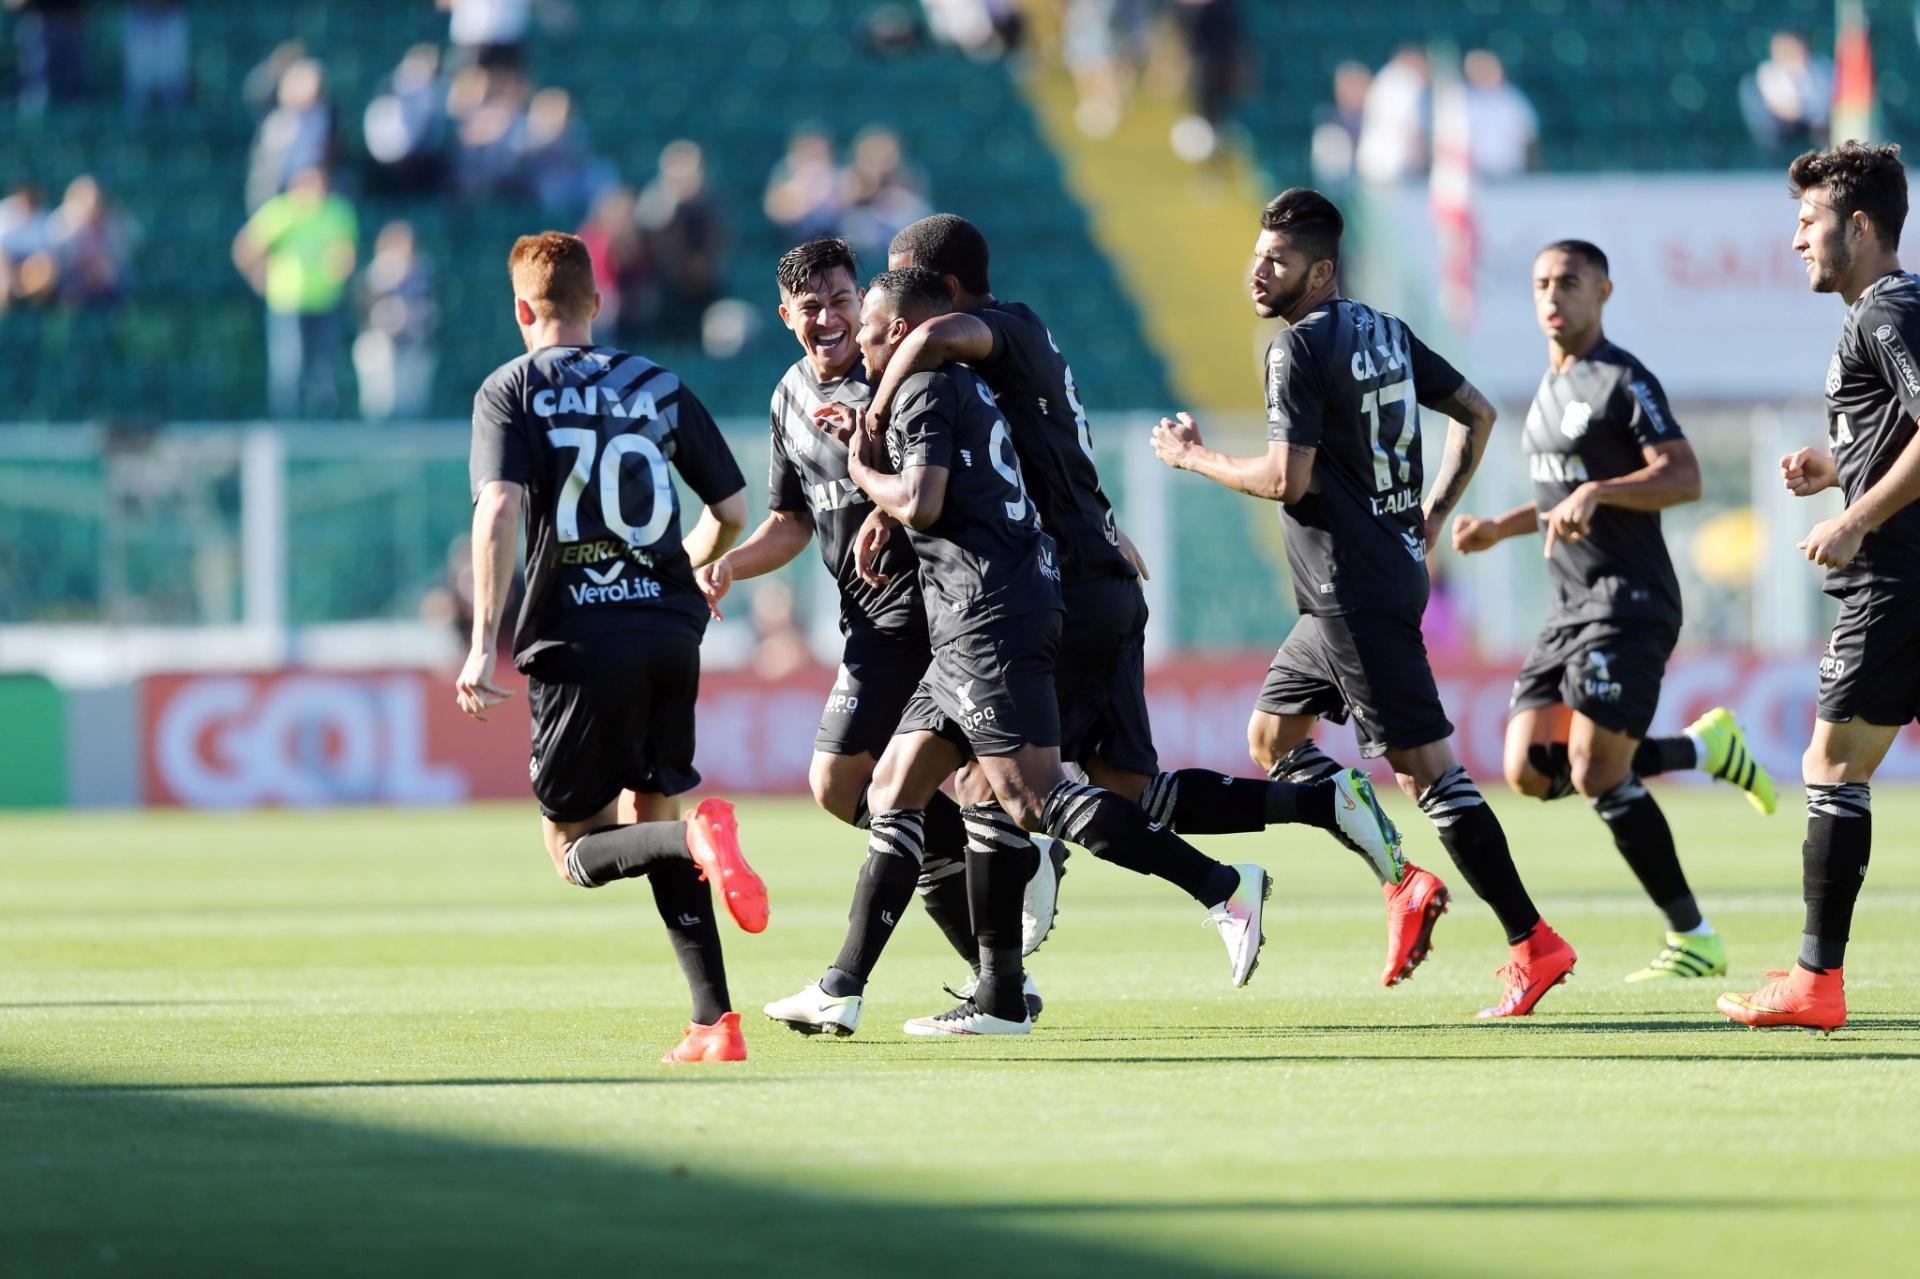 3dc63c3b2287a Figueirense bate Atlético-PR com gol no início e deixa zona de rebaixamento  - 07 09 2016 - UOL Esporte